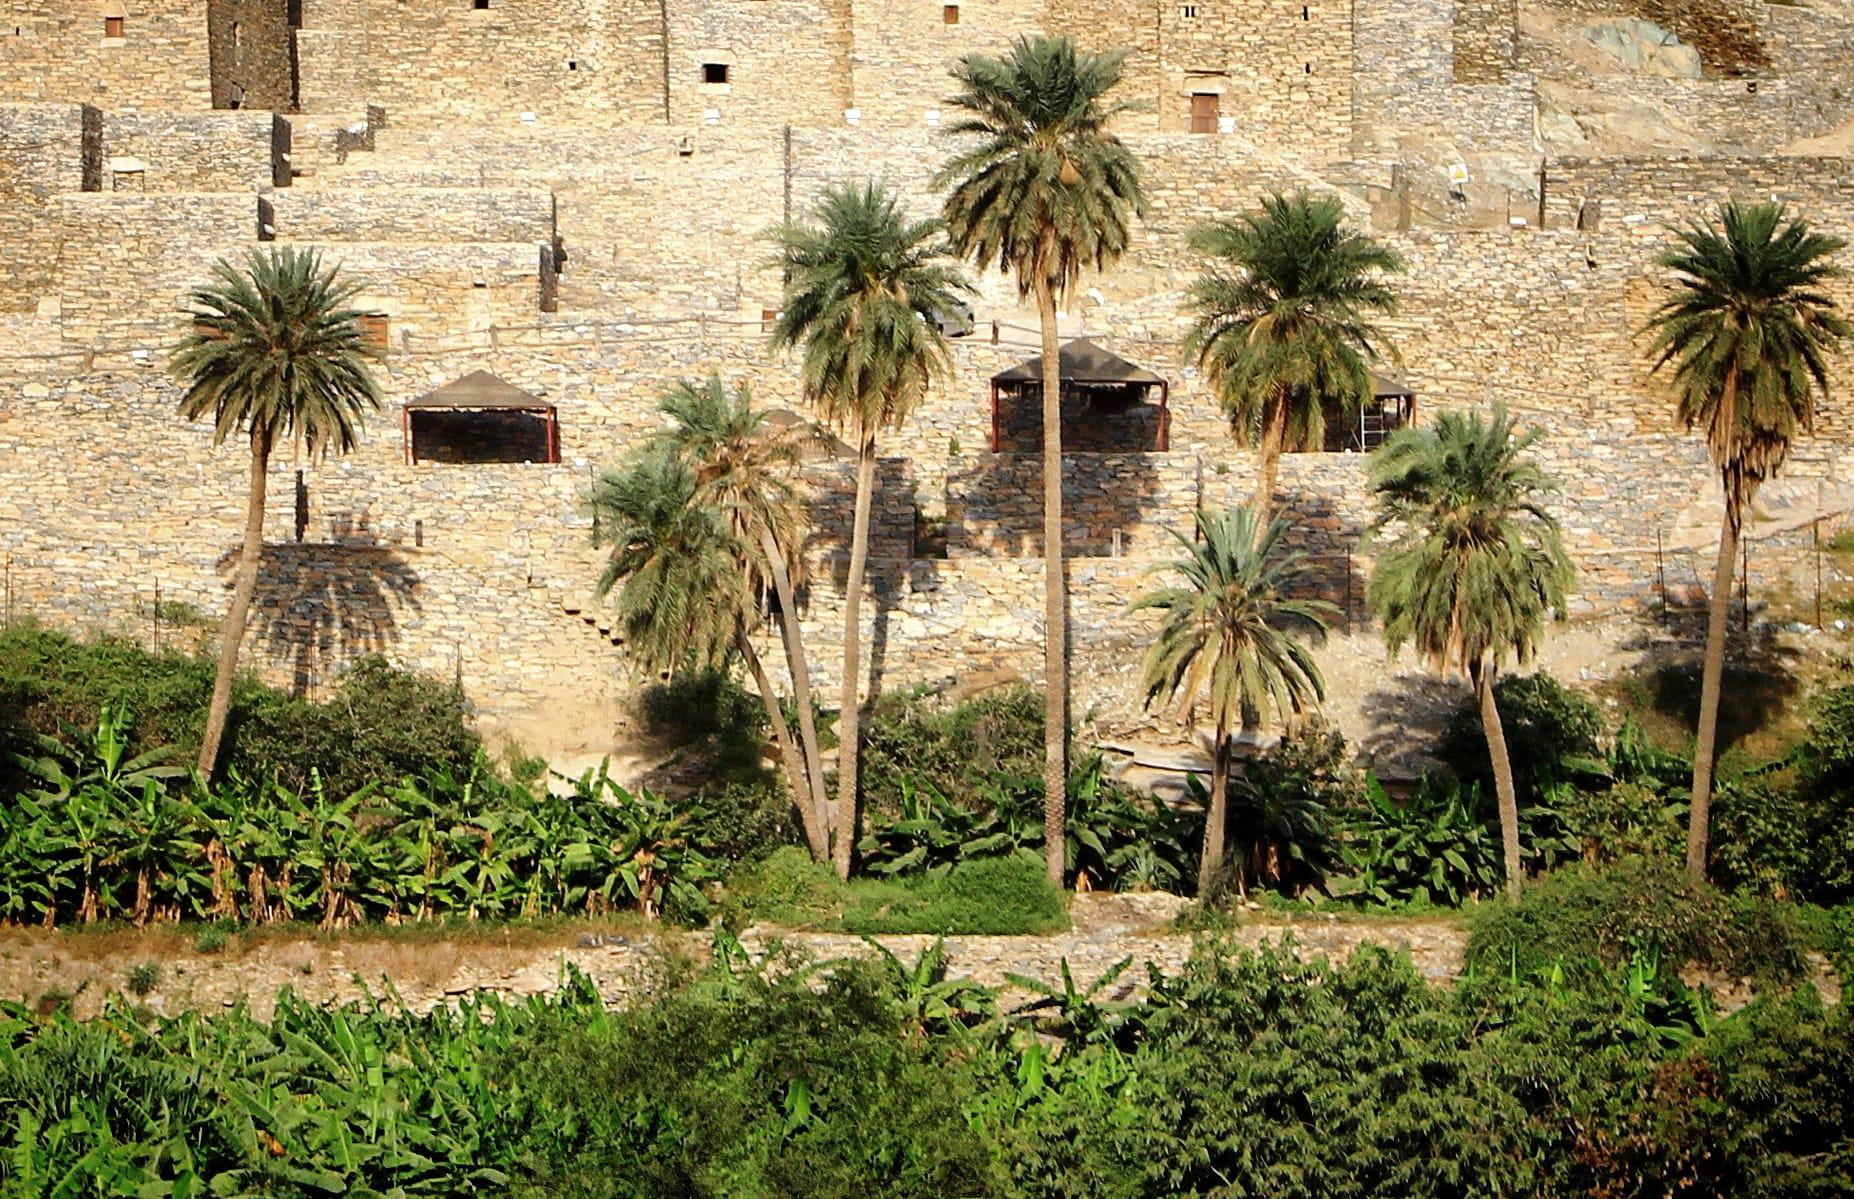 قرية ذي العين الأثرية في السعودية